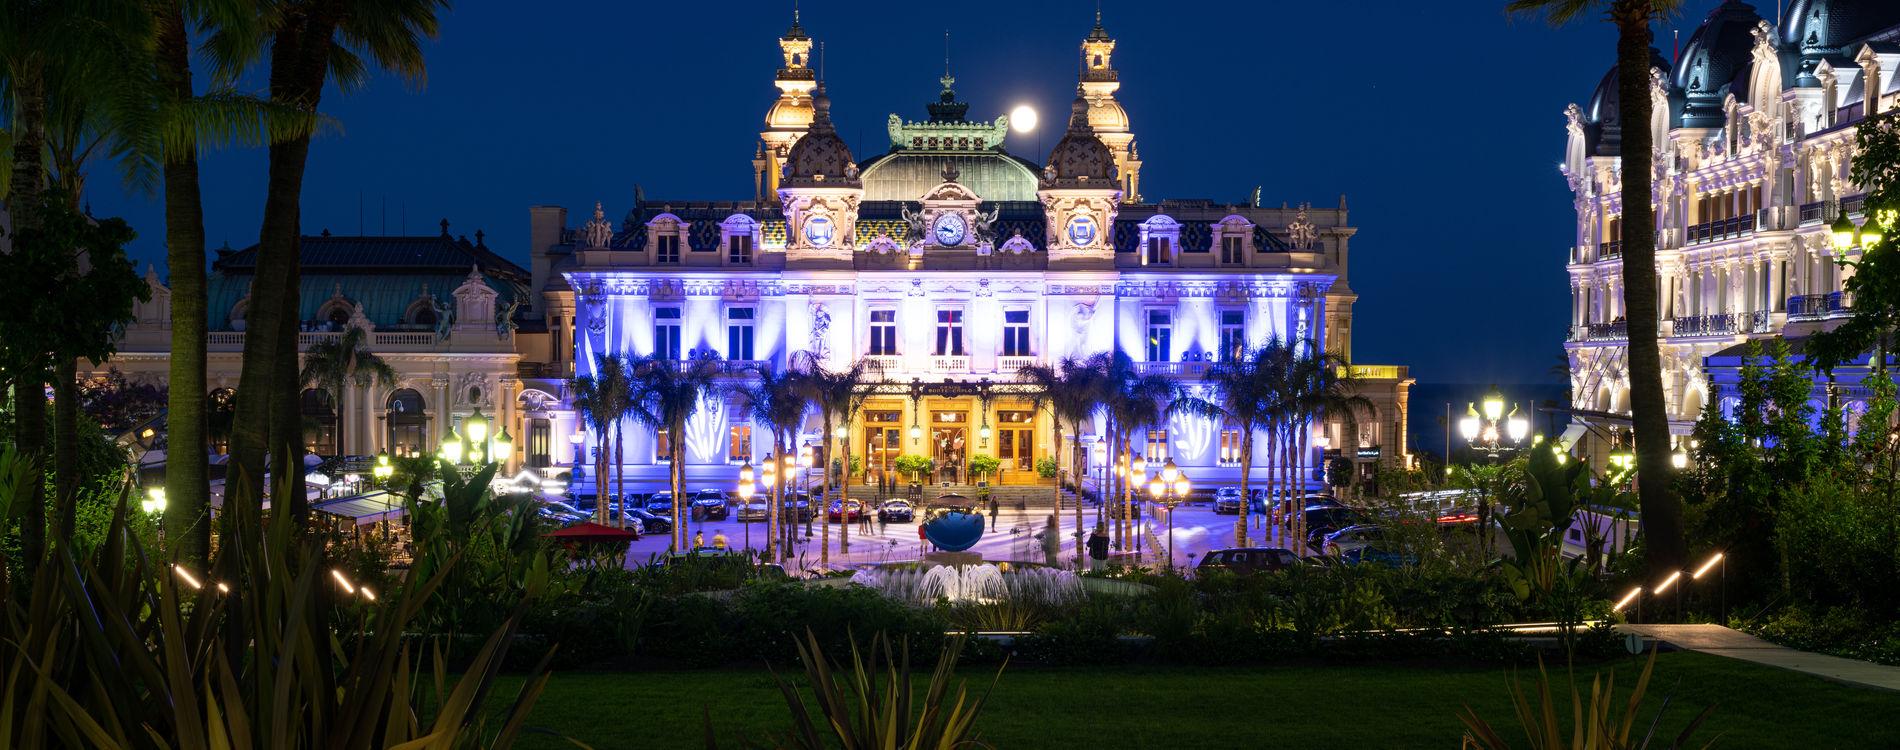 Place du Casino